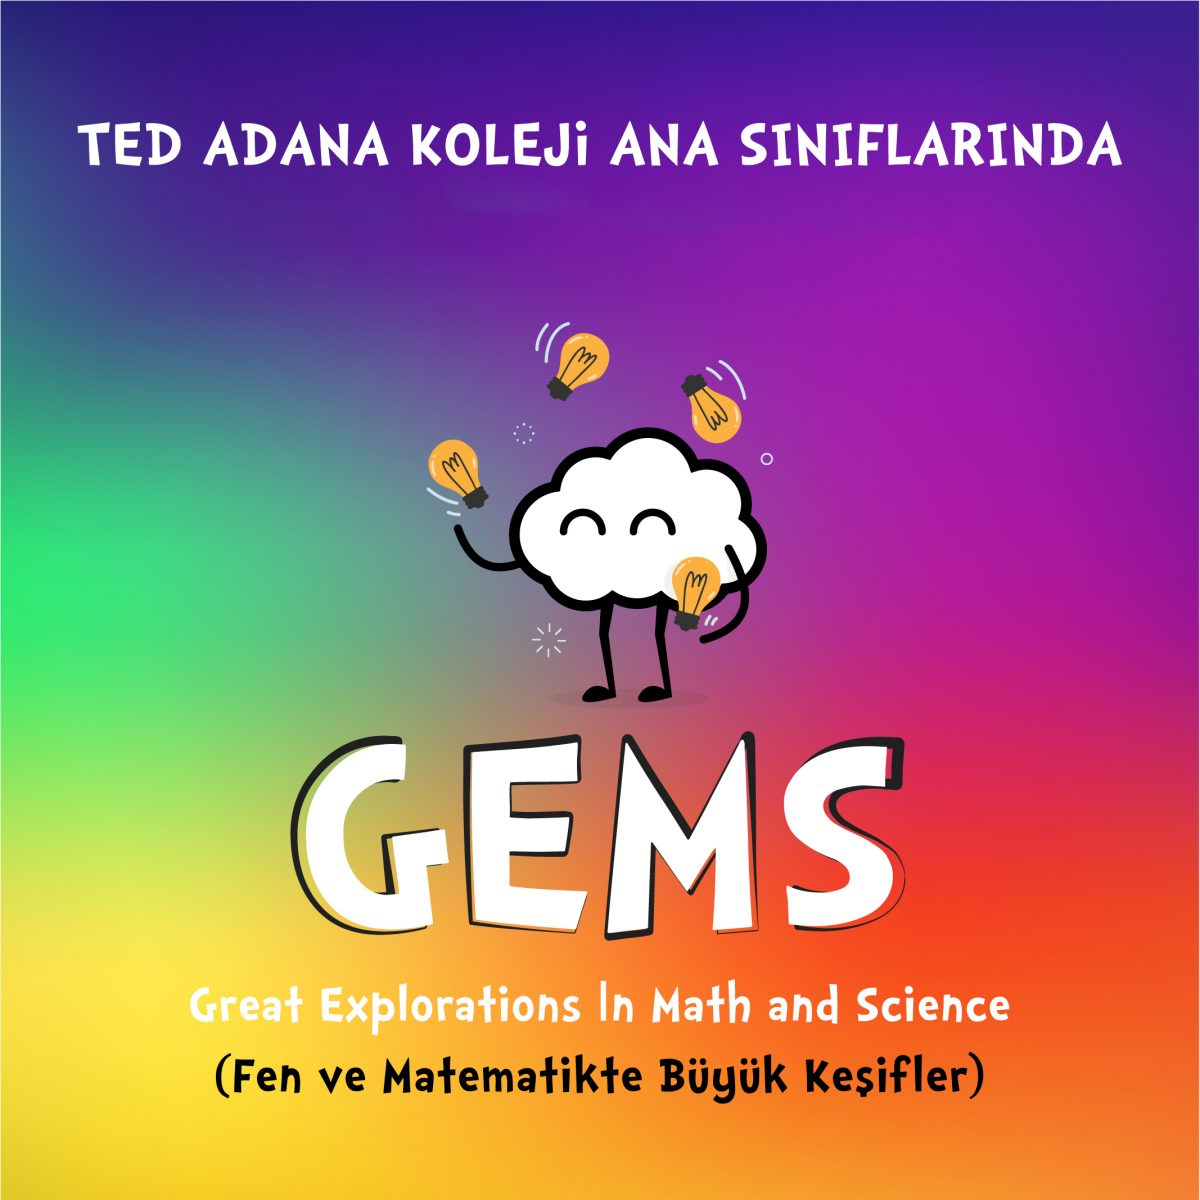 2017-10-01-GEMS-01-1